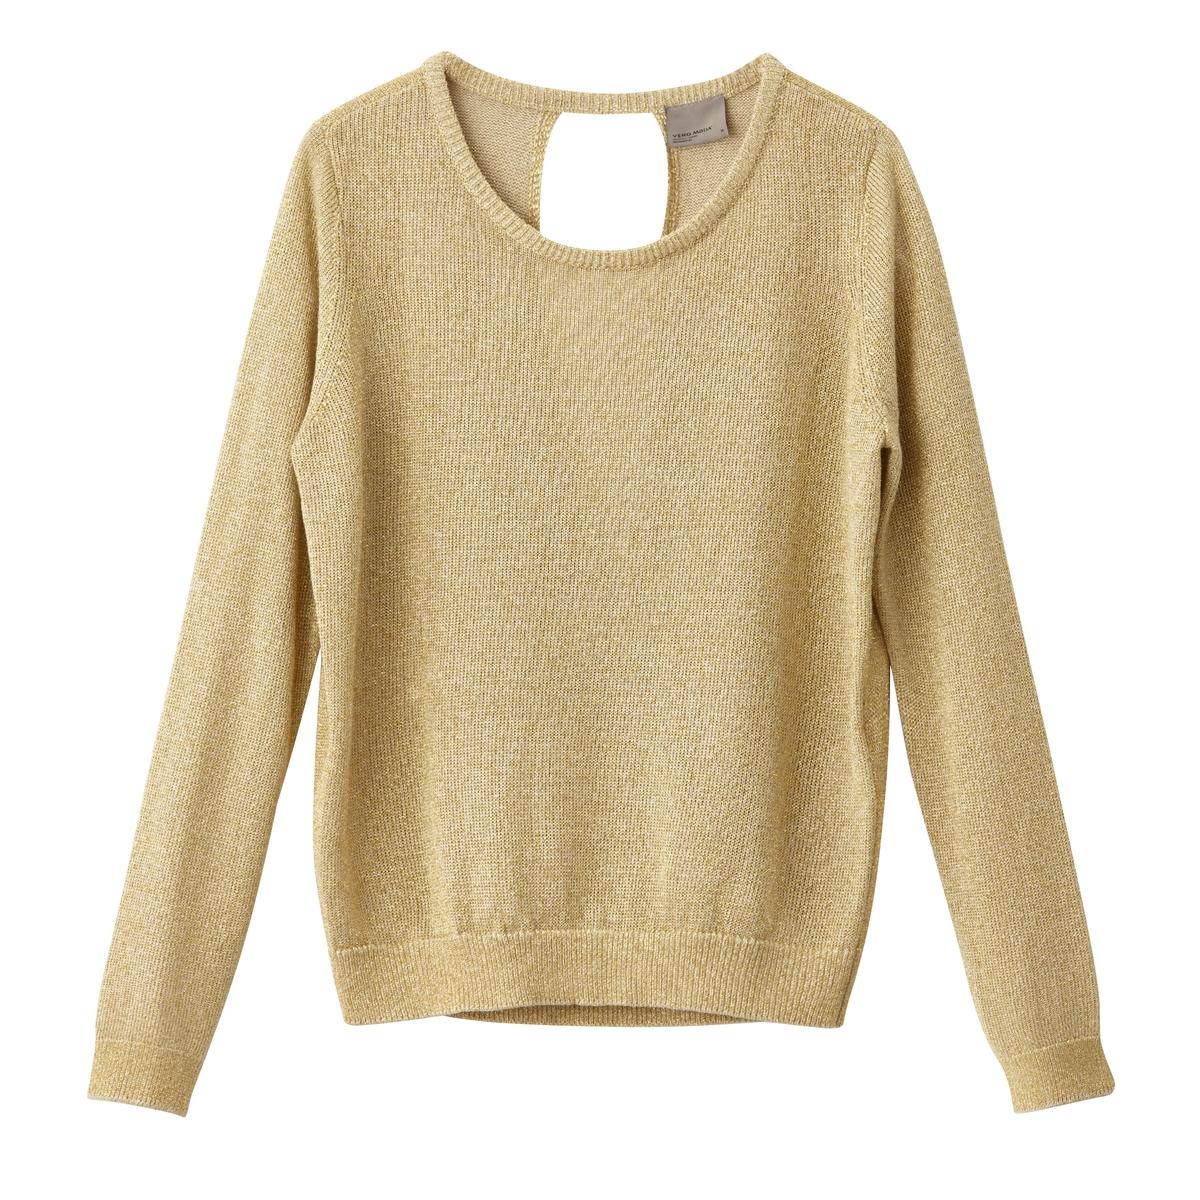 Пуловер с круглым вырезомОписание:Детали  • Пуловер прямого покроя •  Длинные рукава •  Круглый вырез •  Плотный трикотажСостав и уход •  80% вискозы, 20% металла •  Инструкцию по уходу смотреть на бирке<br><br>Цвет: розовый,экрю<br>Размер: XL.XS.M